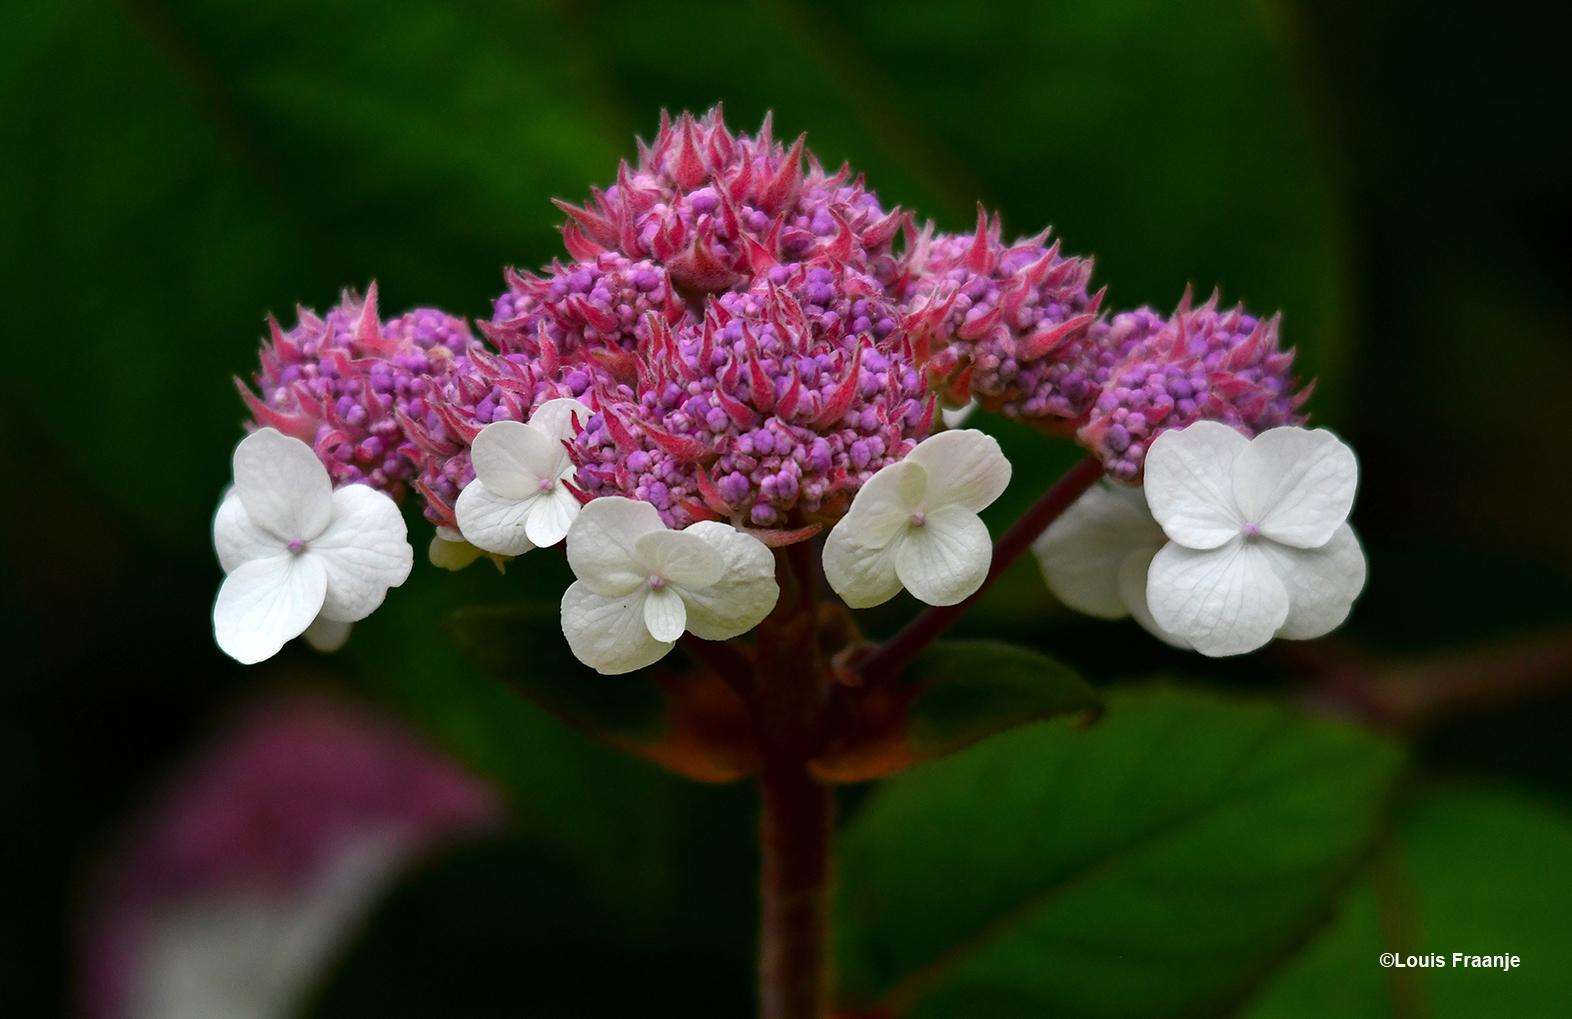 Een paarse kern, omringd door witte bloempjes - Foto: ©Louis Fraanje